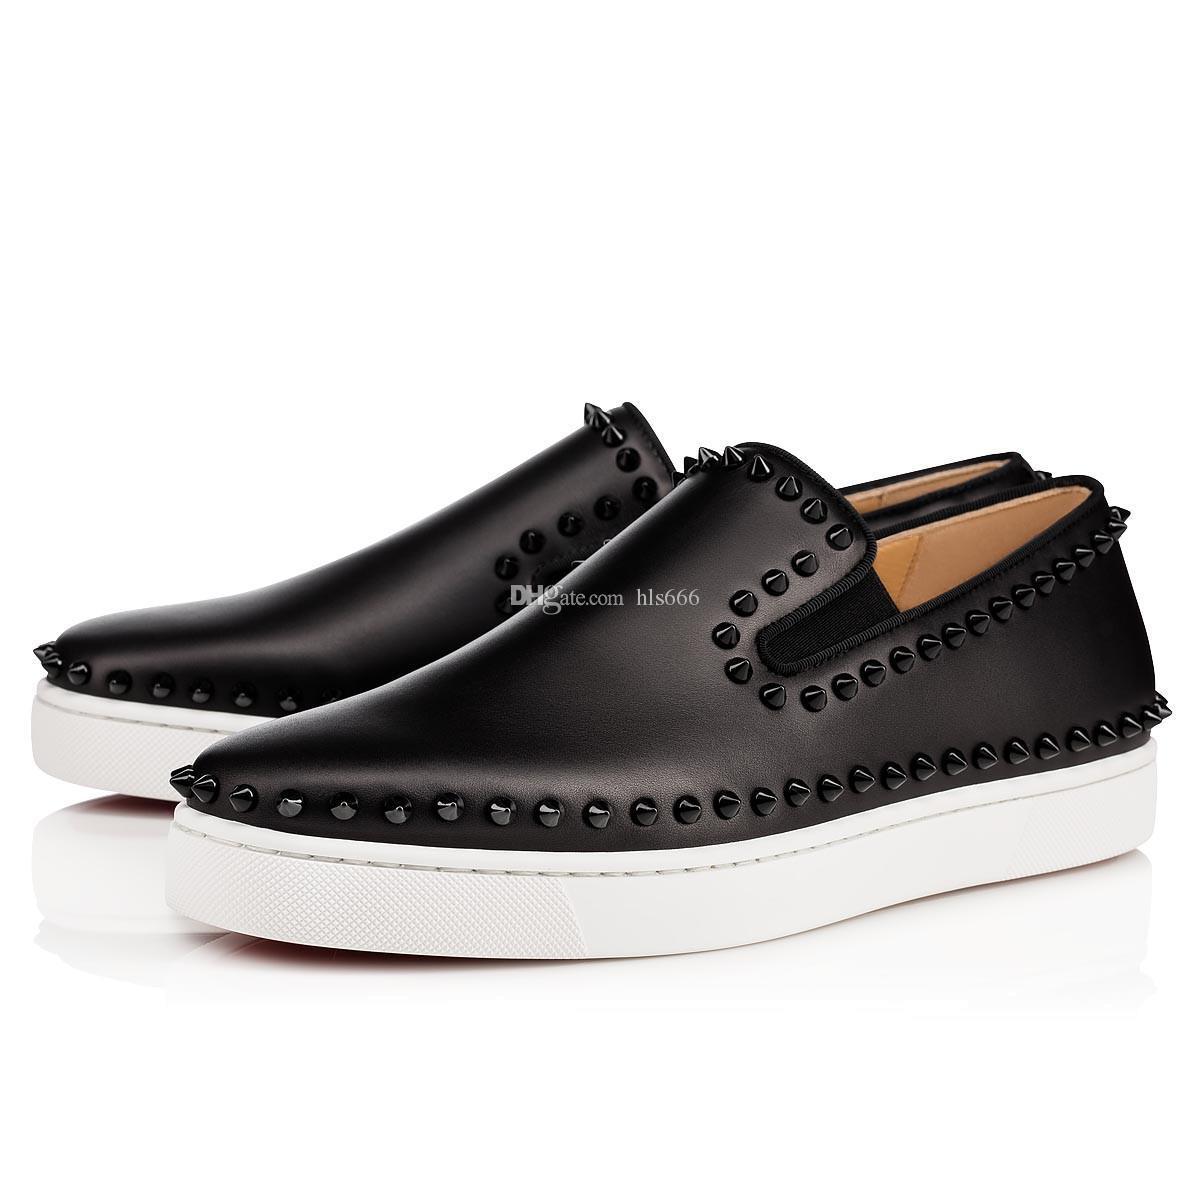 Schwarz Weiß Suede Oxfords Schuhe Herren Loafer Red Bottom Spiked Sneakers Schwarz Crosta Galaxy Leder beiläufige flache Schuh-Spikes, Luxusmode